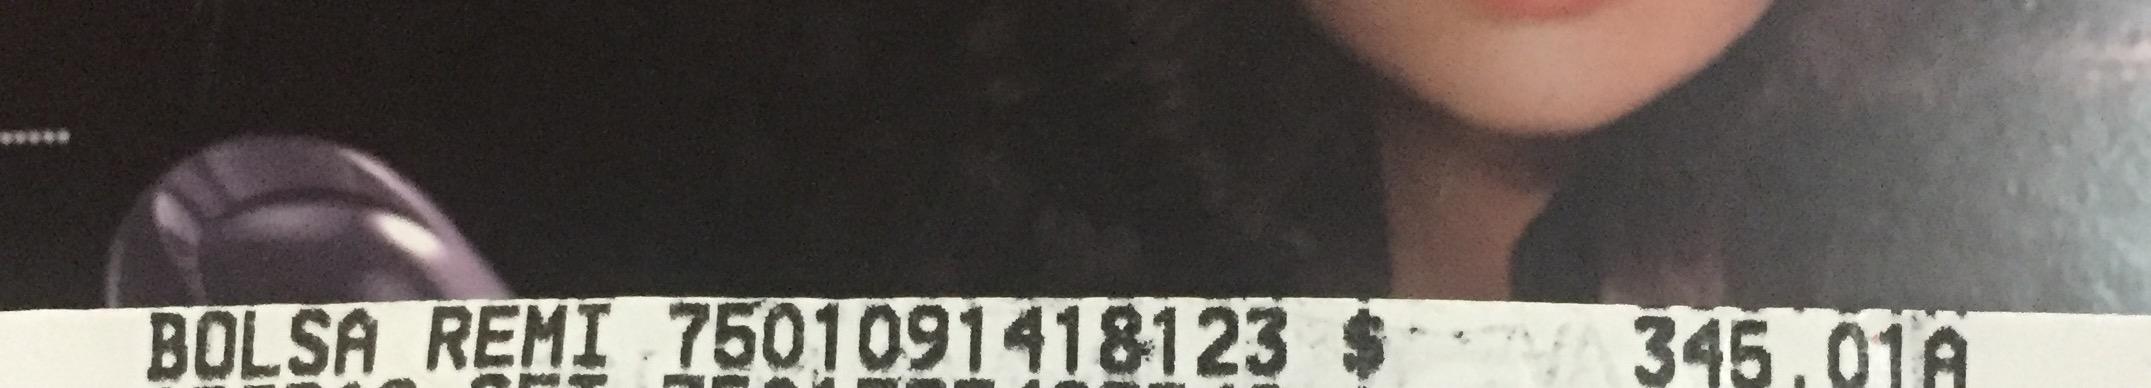 64865.jpg